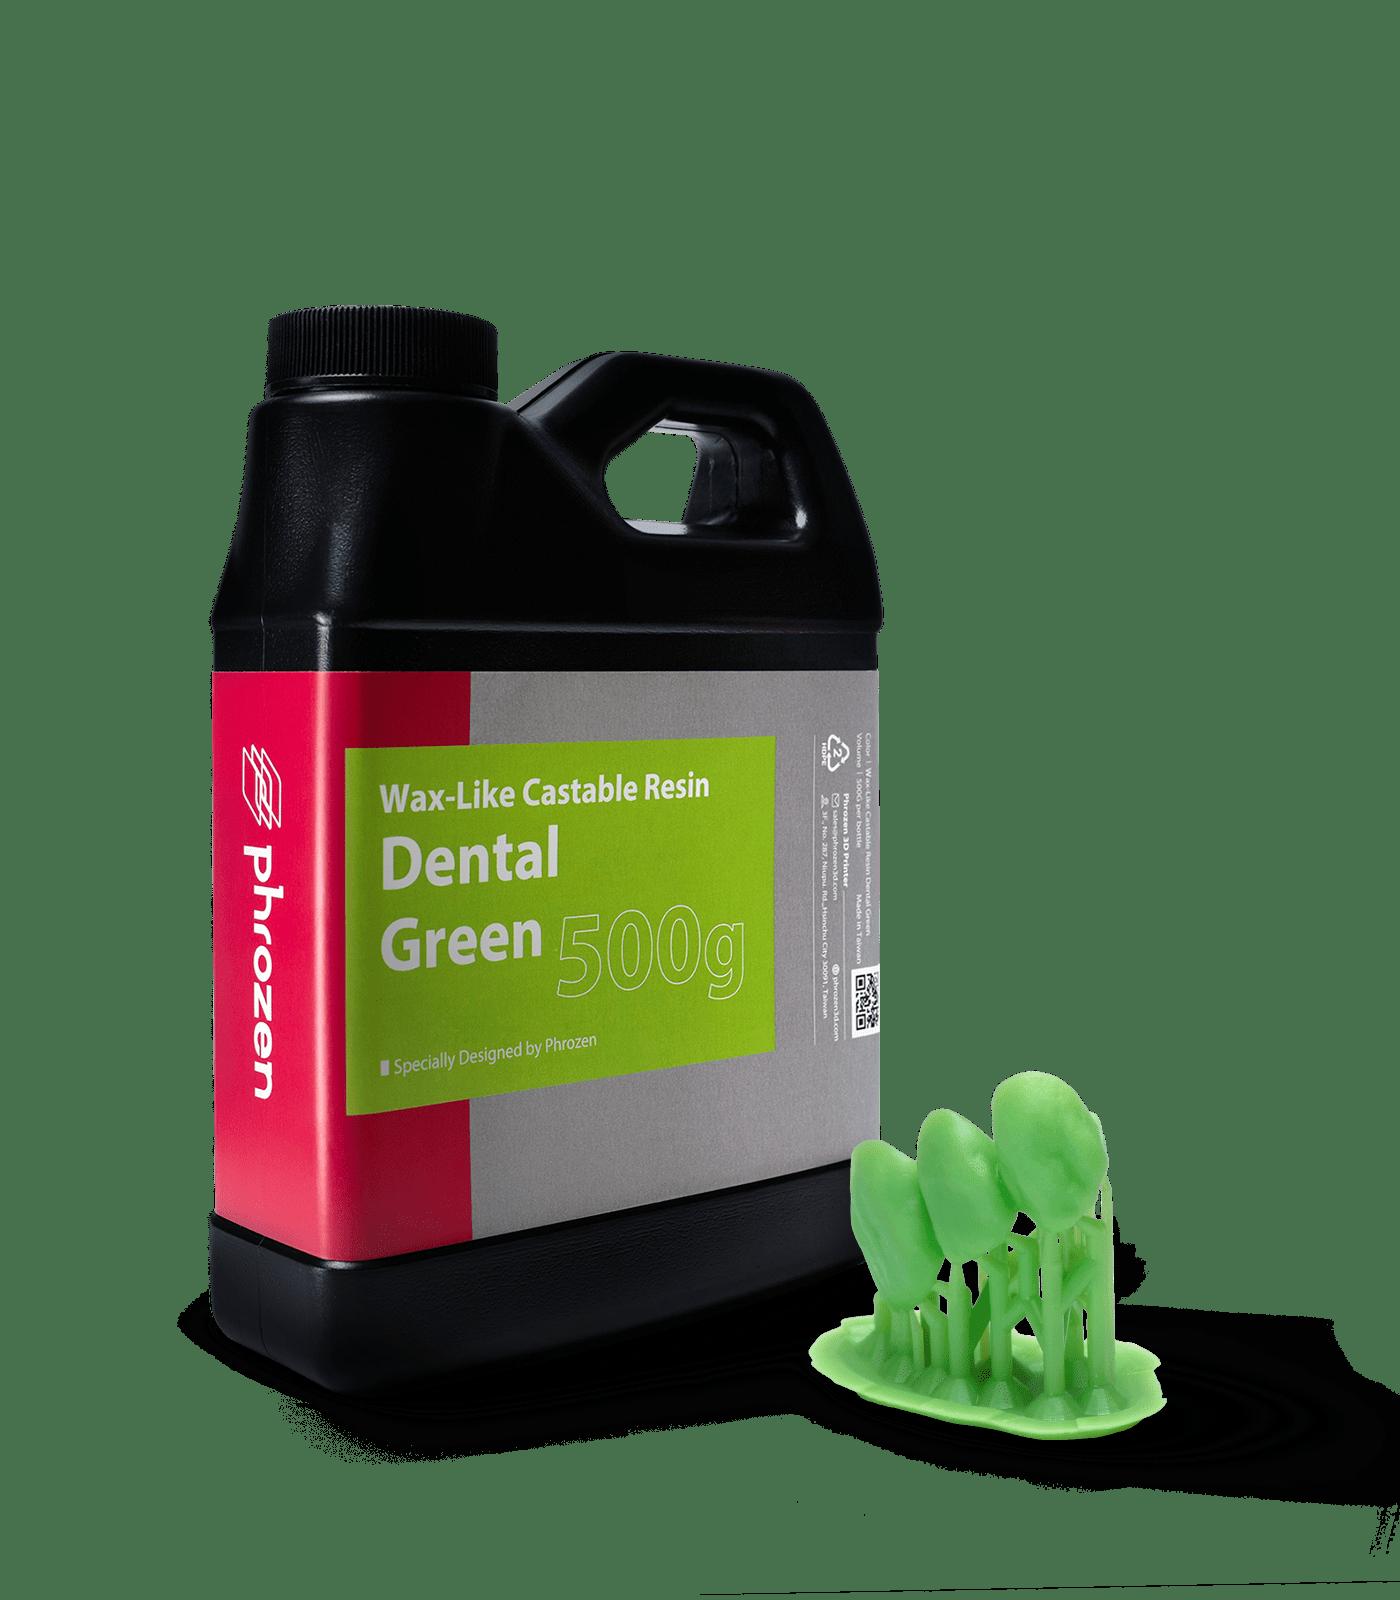 Phrozen Wax like Castable Resin Dental Green 0,5kg